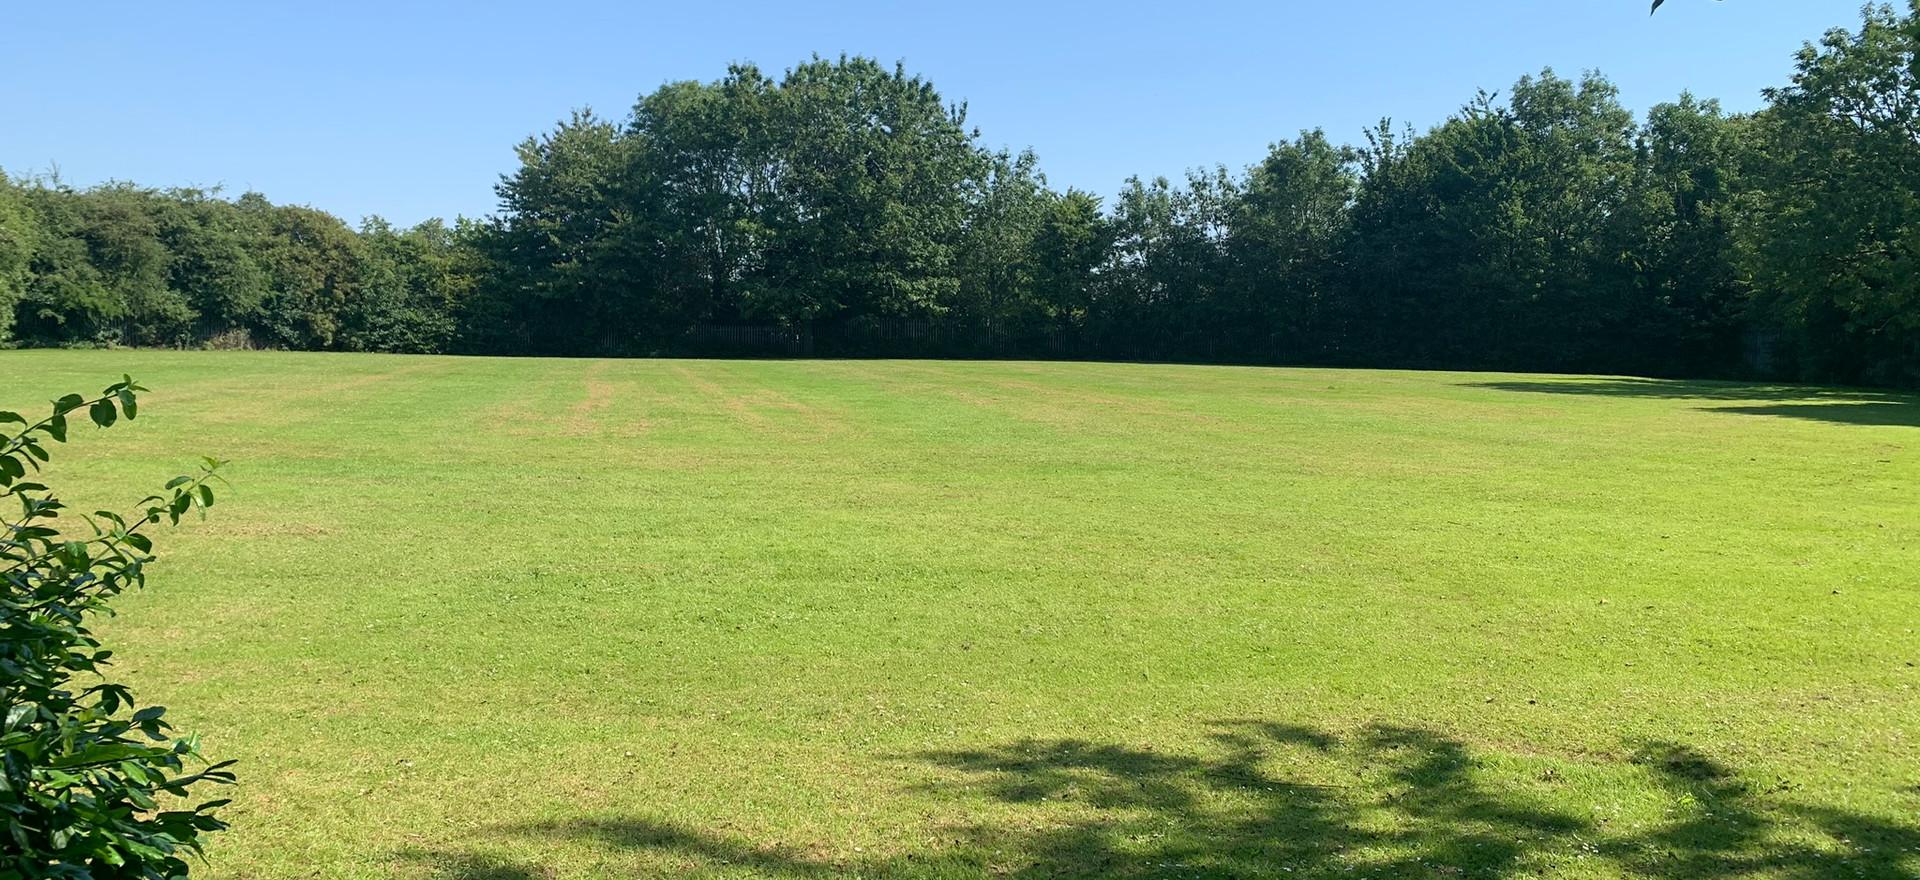 Our school field